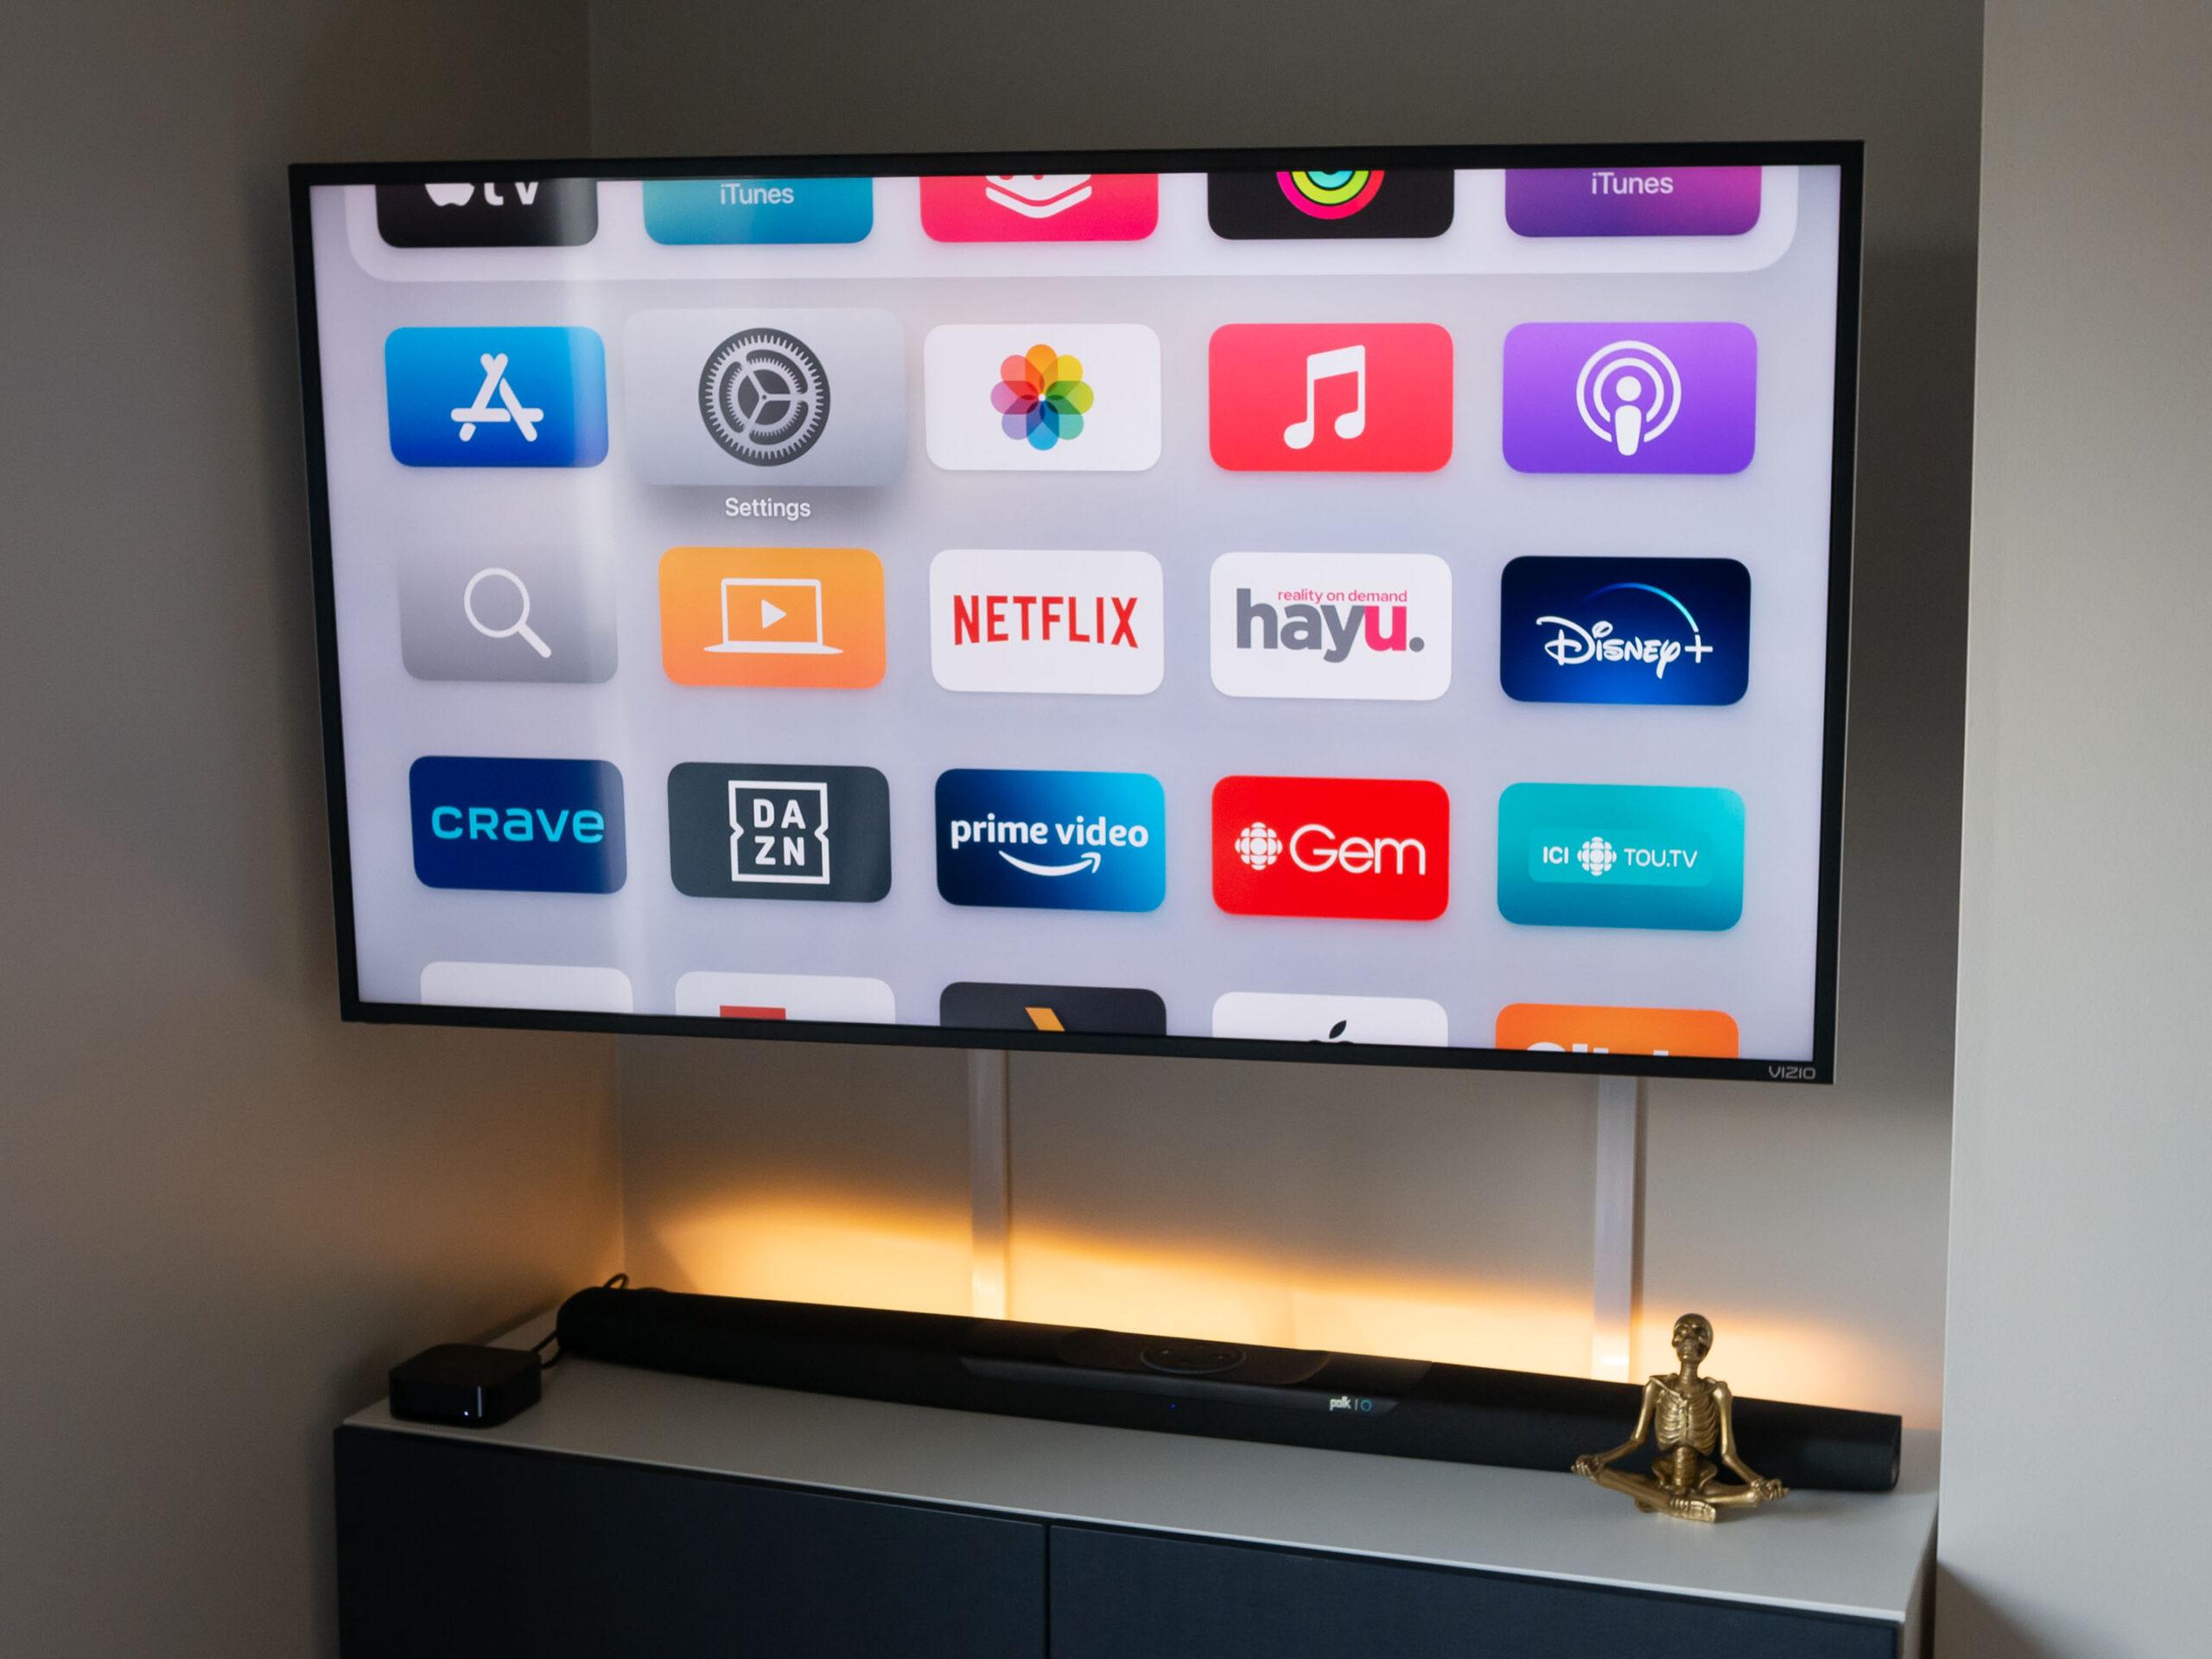 Apple TV 4K 2021 menu